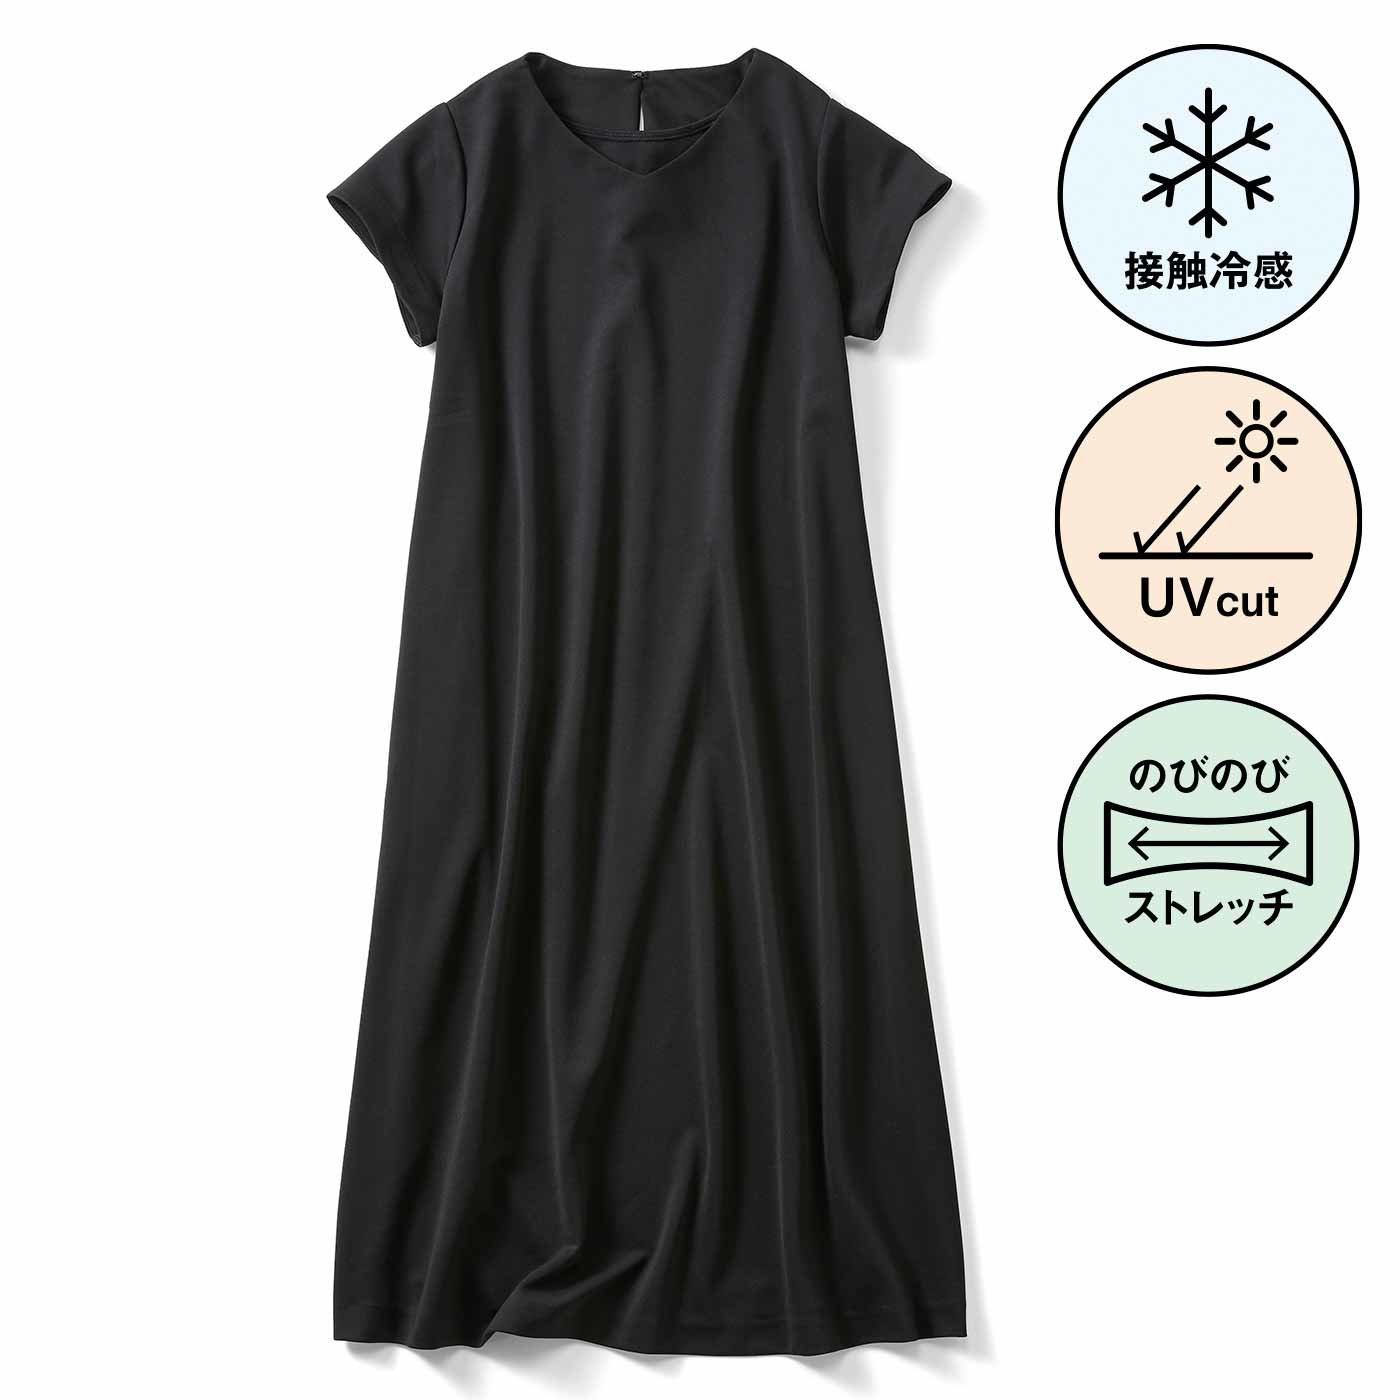 【3~10日でお届け】IEDIT[イディット] UVカット&接触冷感機能で 涼やかで快適な 美人見えブラックワンピース